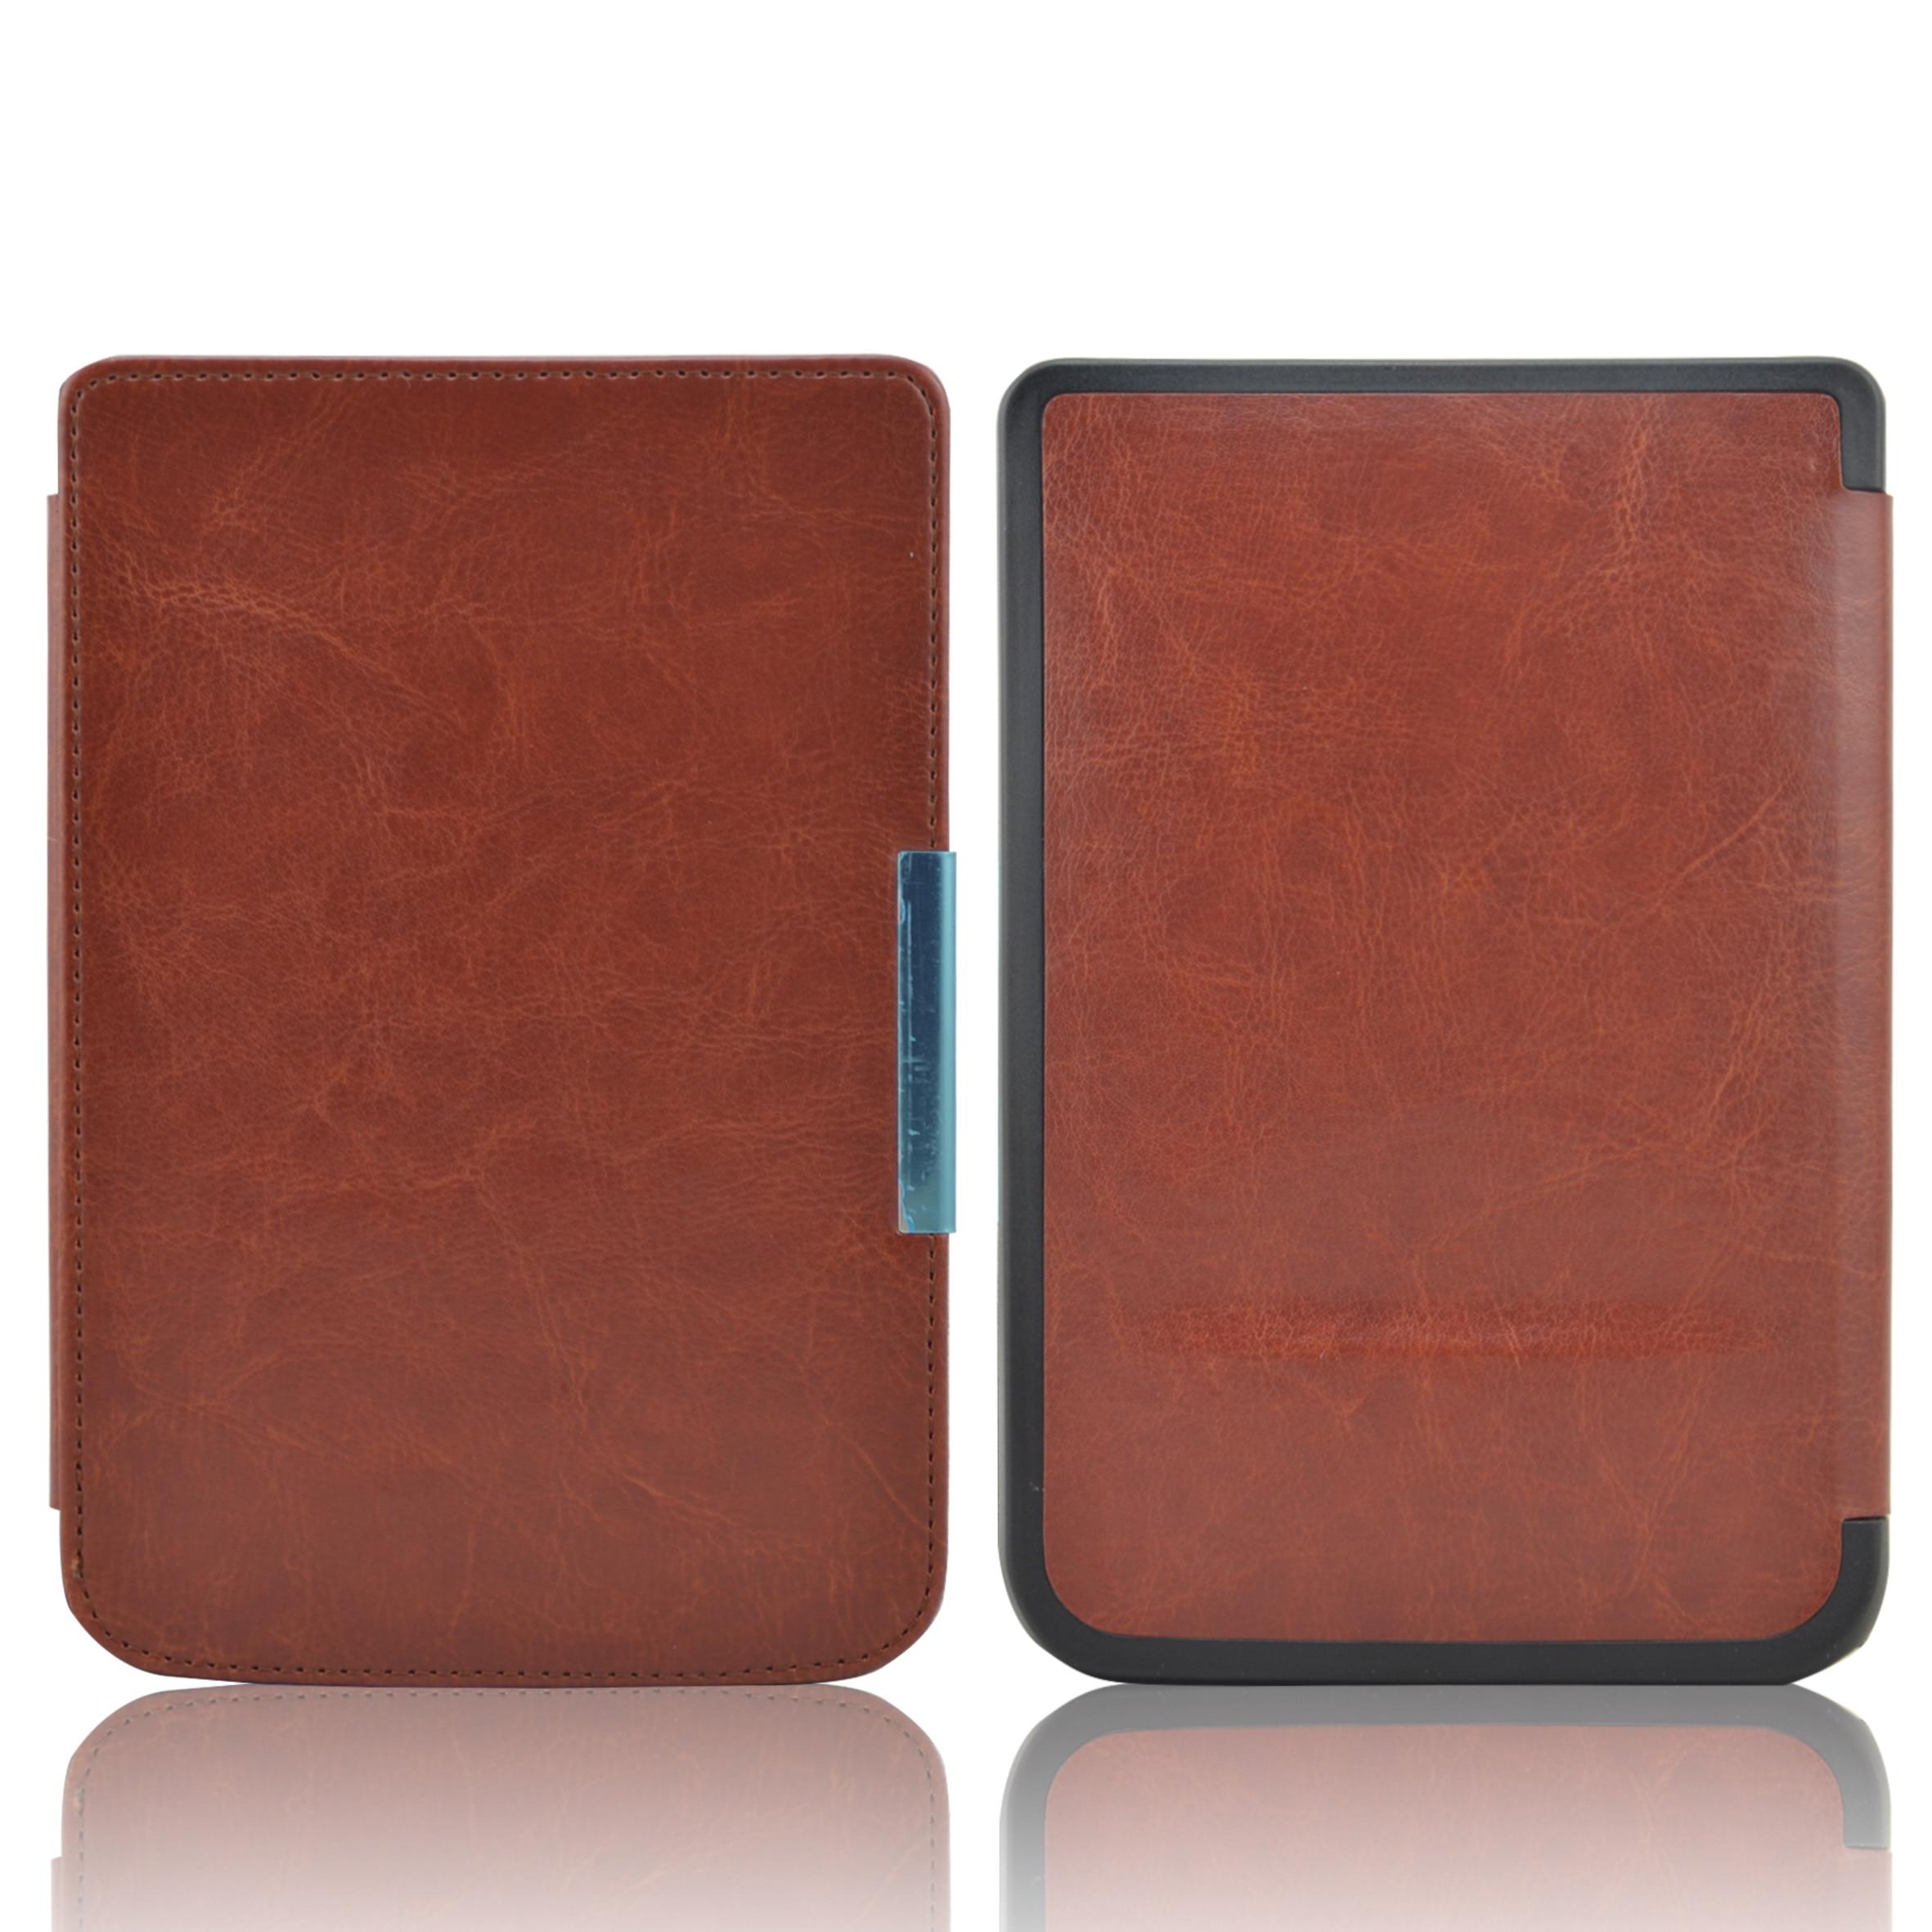 Nueva llegada de la alta calidad Funda de cuero para bolsillo basic touch lux 2 614/624/626/640 touch lux 3 ereader